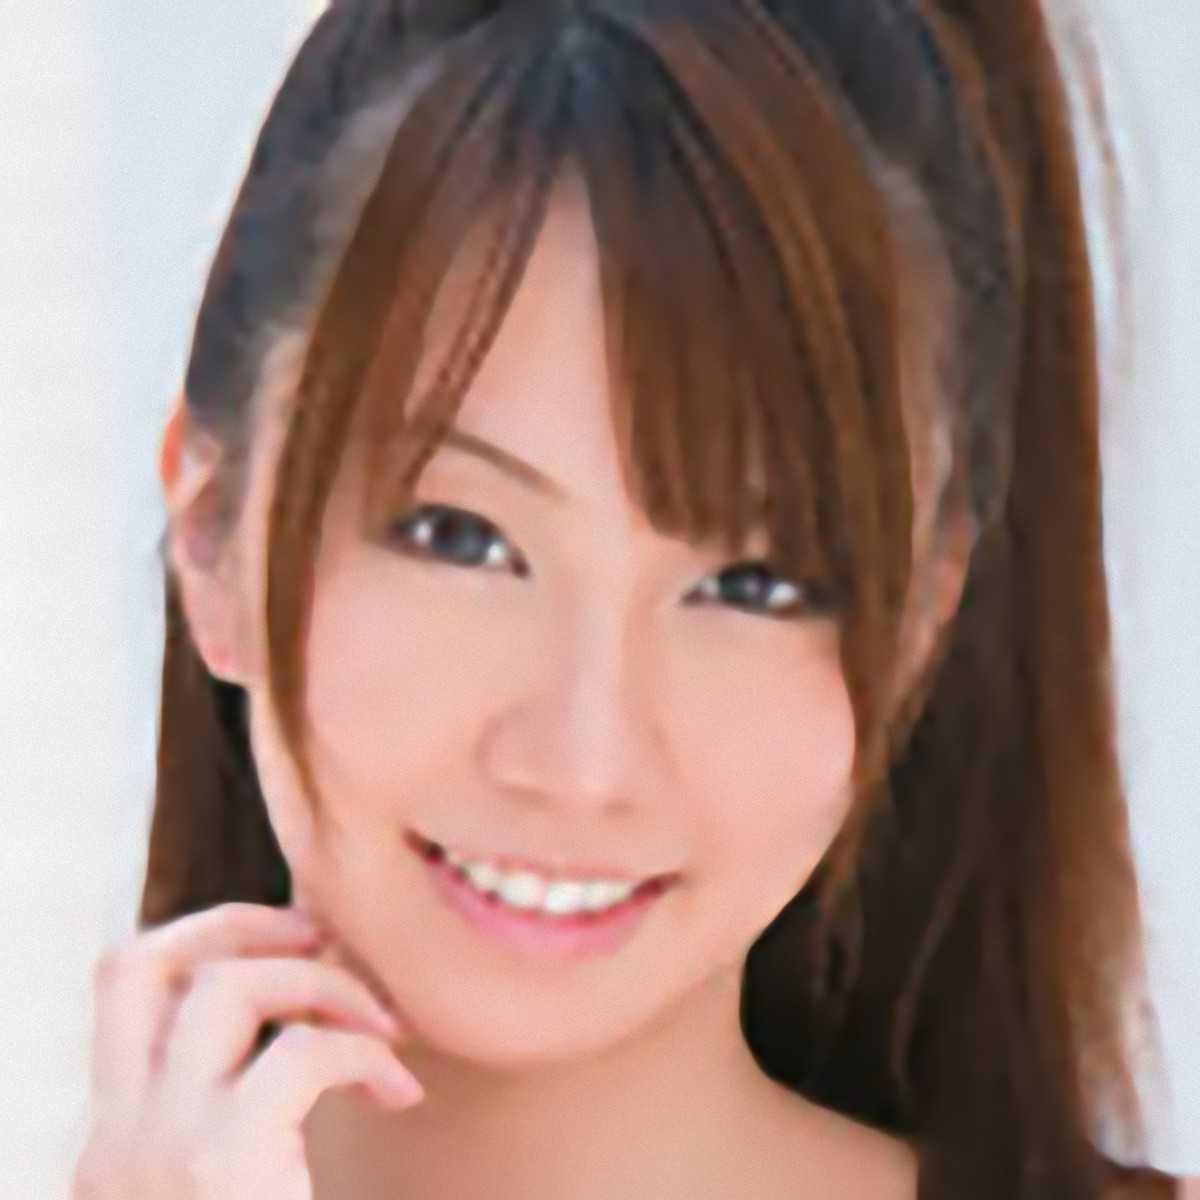 小倉奈々さんのプロフィールと画像集21ページ目   AV女優画像